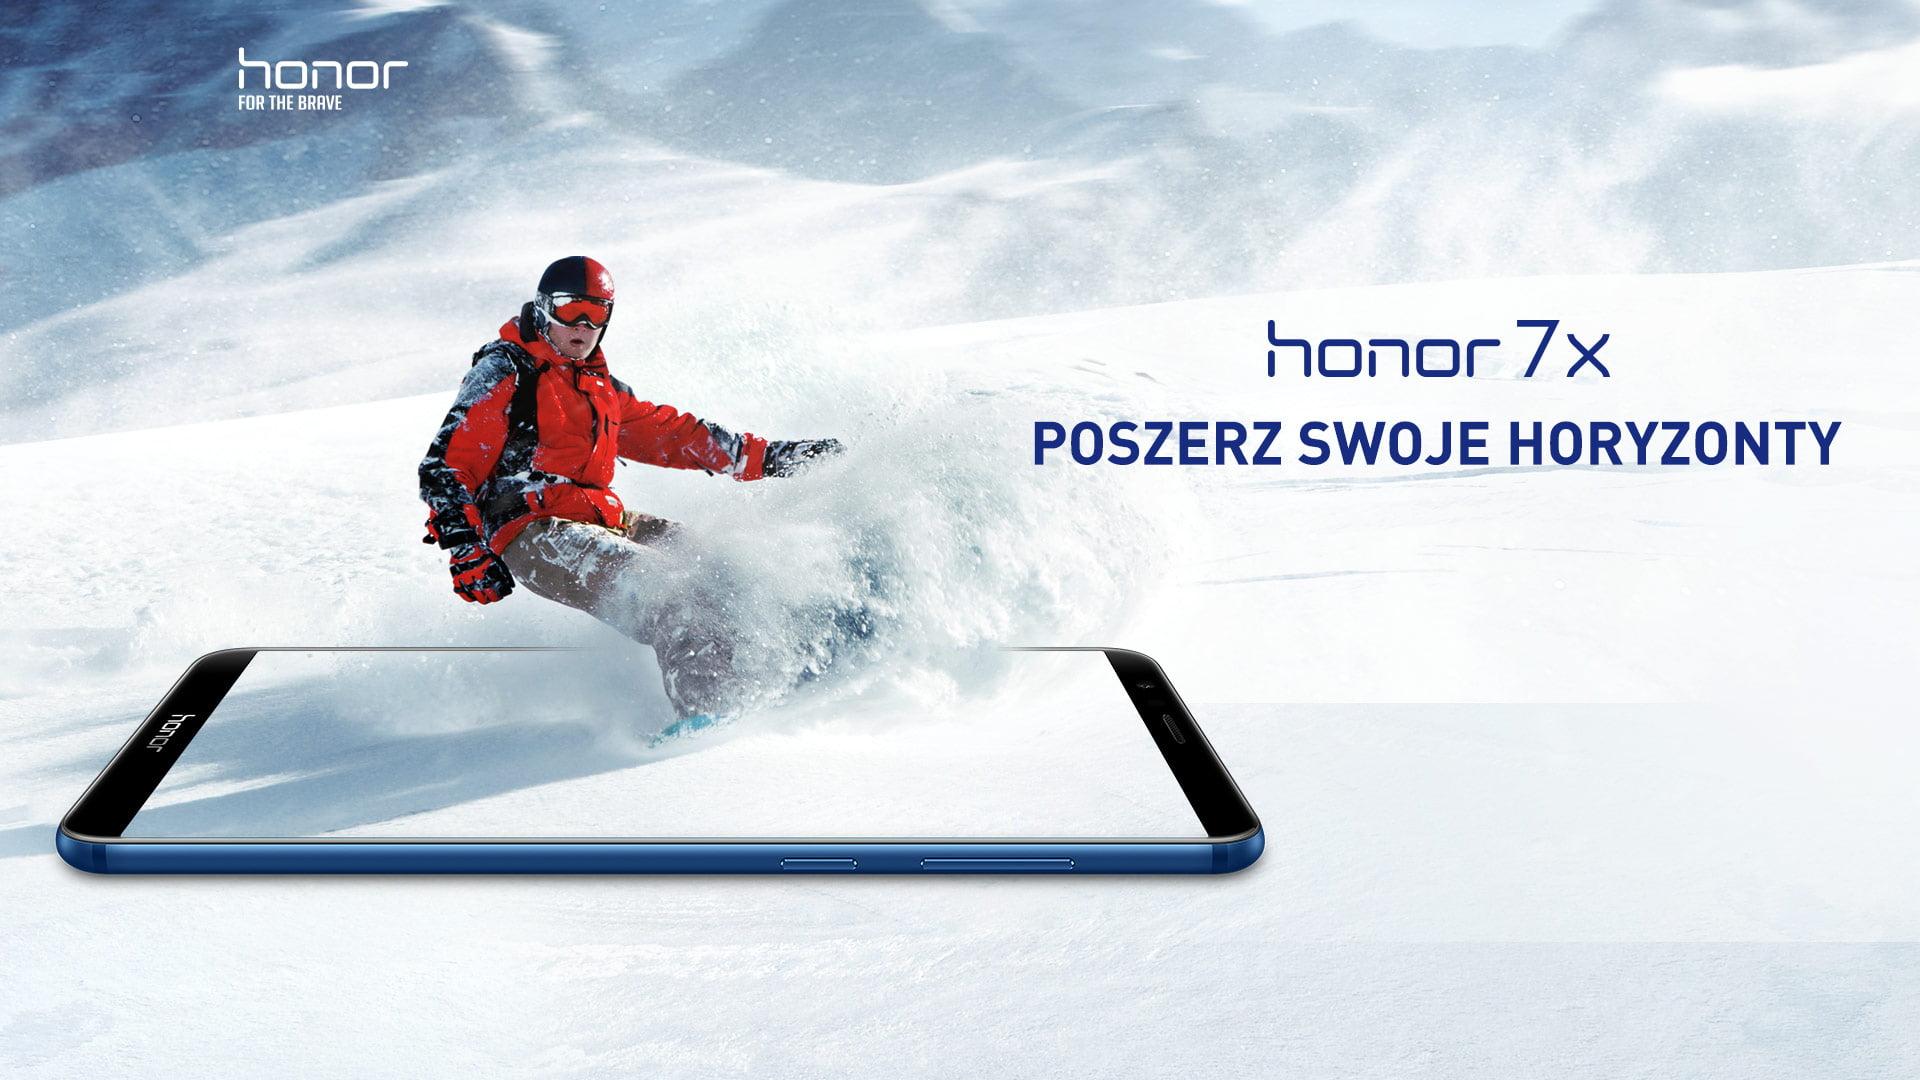 Świetna promocja: za 1000 złotych masz Honora 7X i głośnik Bluetooth, a do tego też audiobooka 22